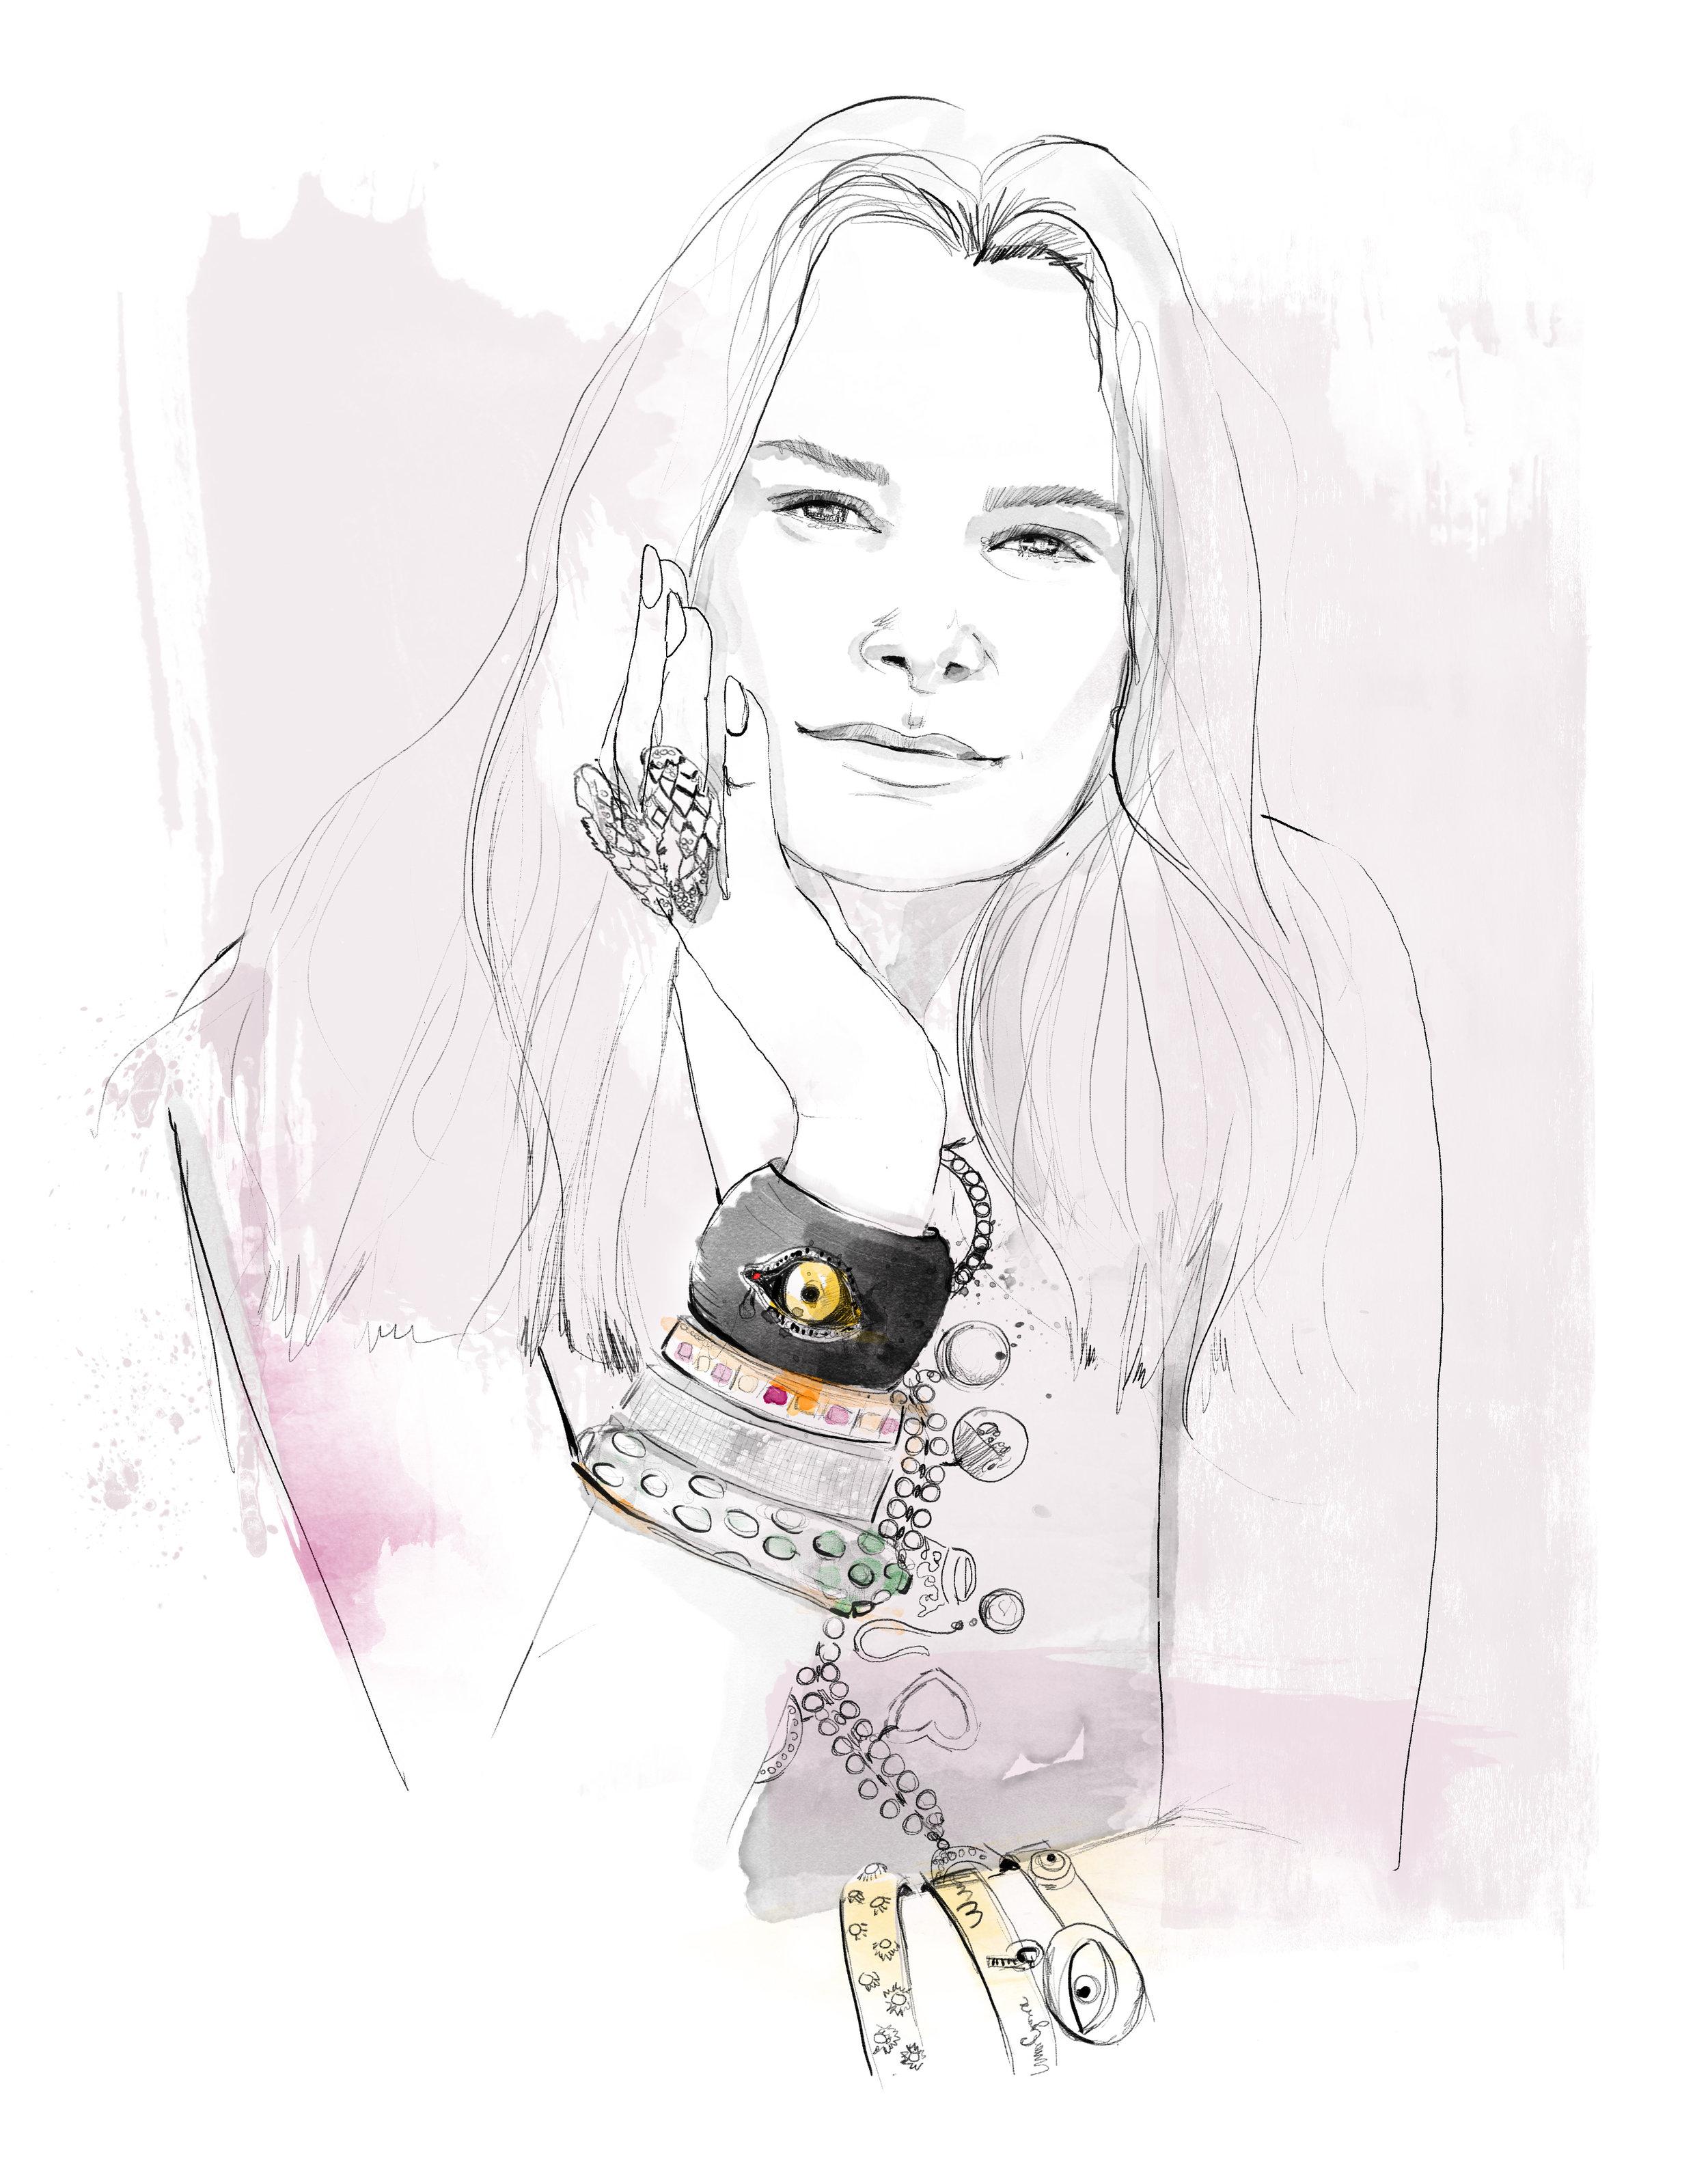 Clarissa Bronfman (jewlery designer)